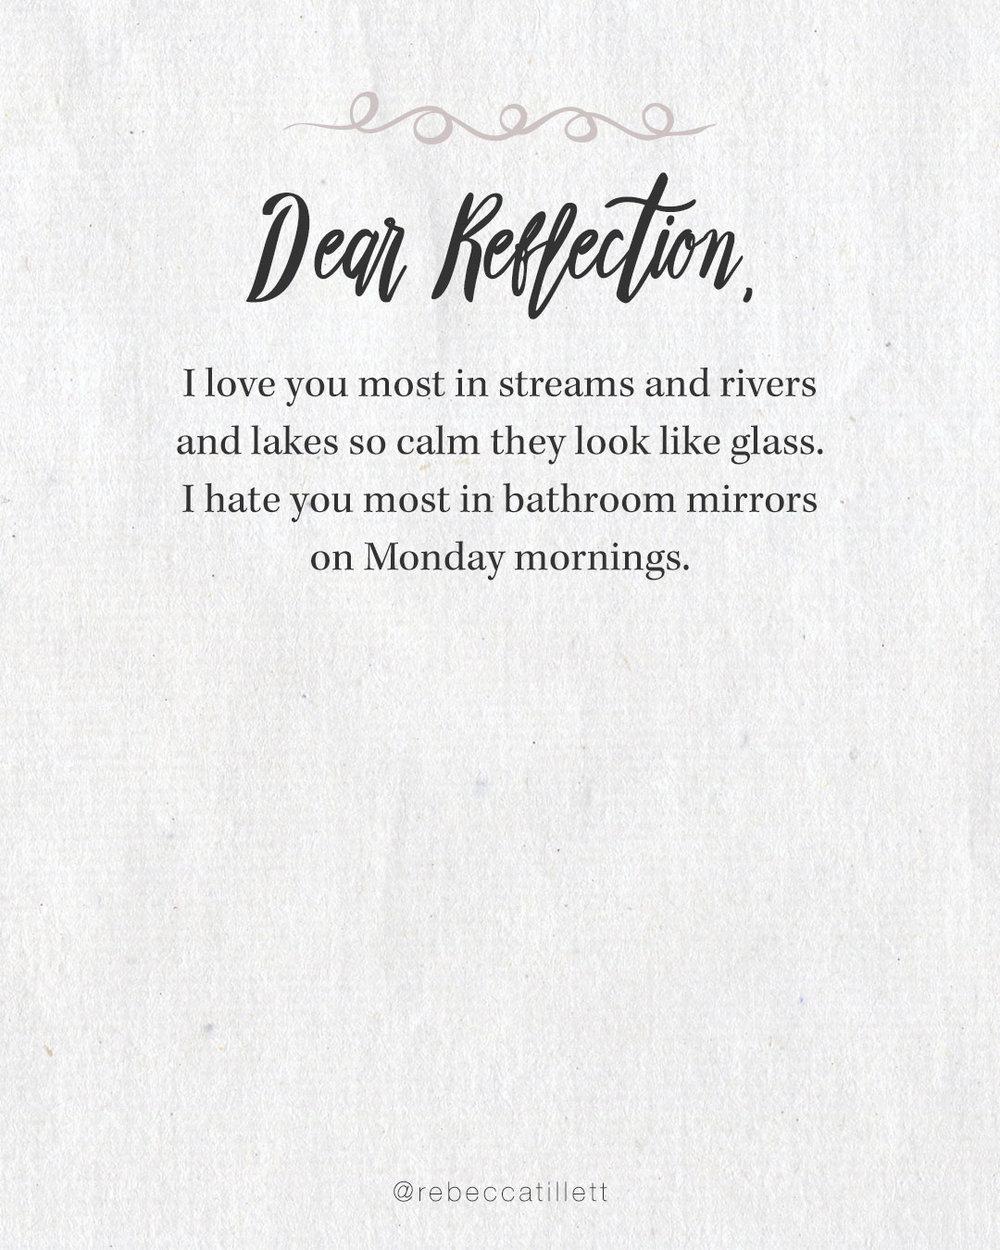 Dear Reflection